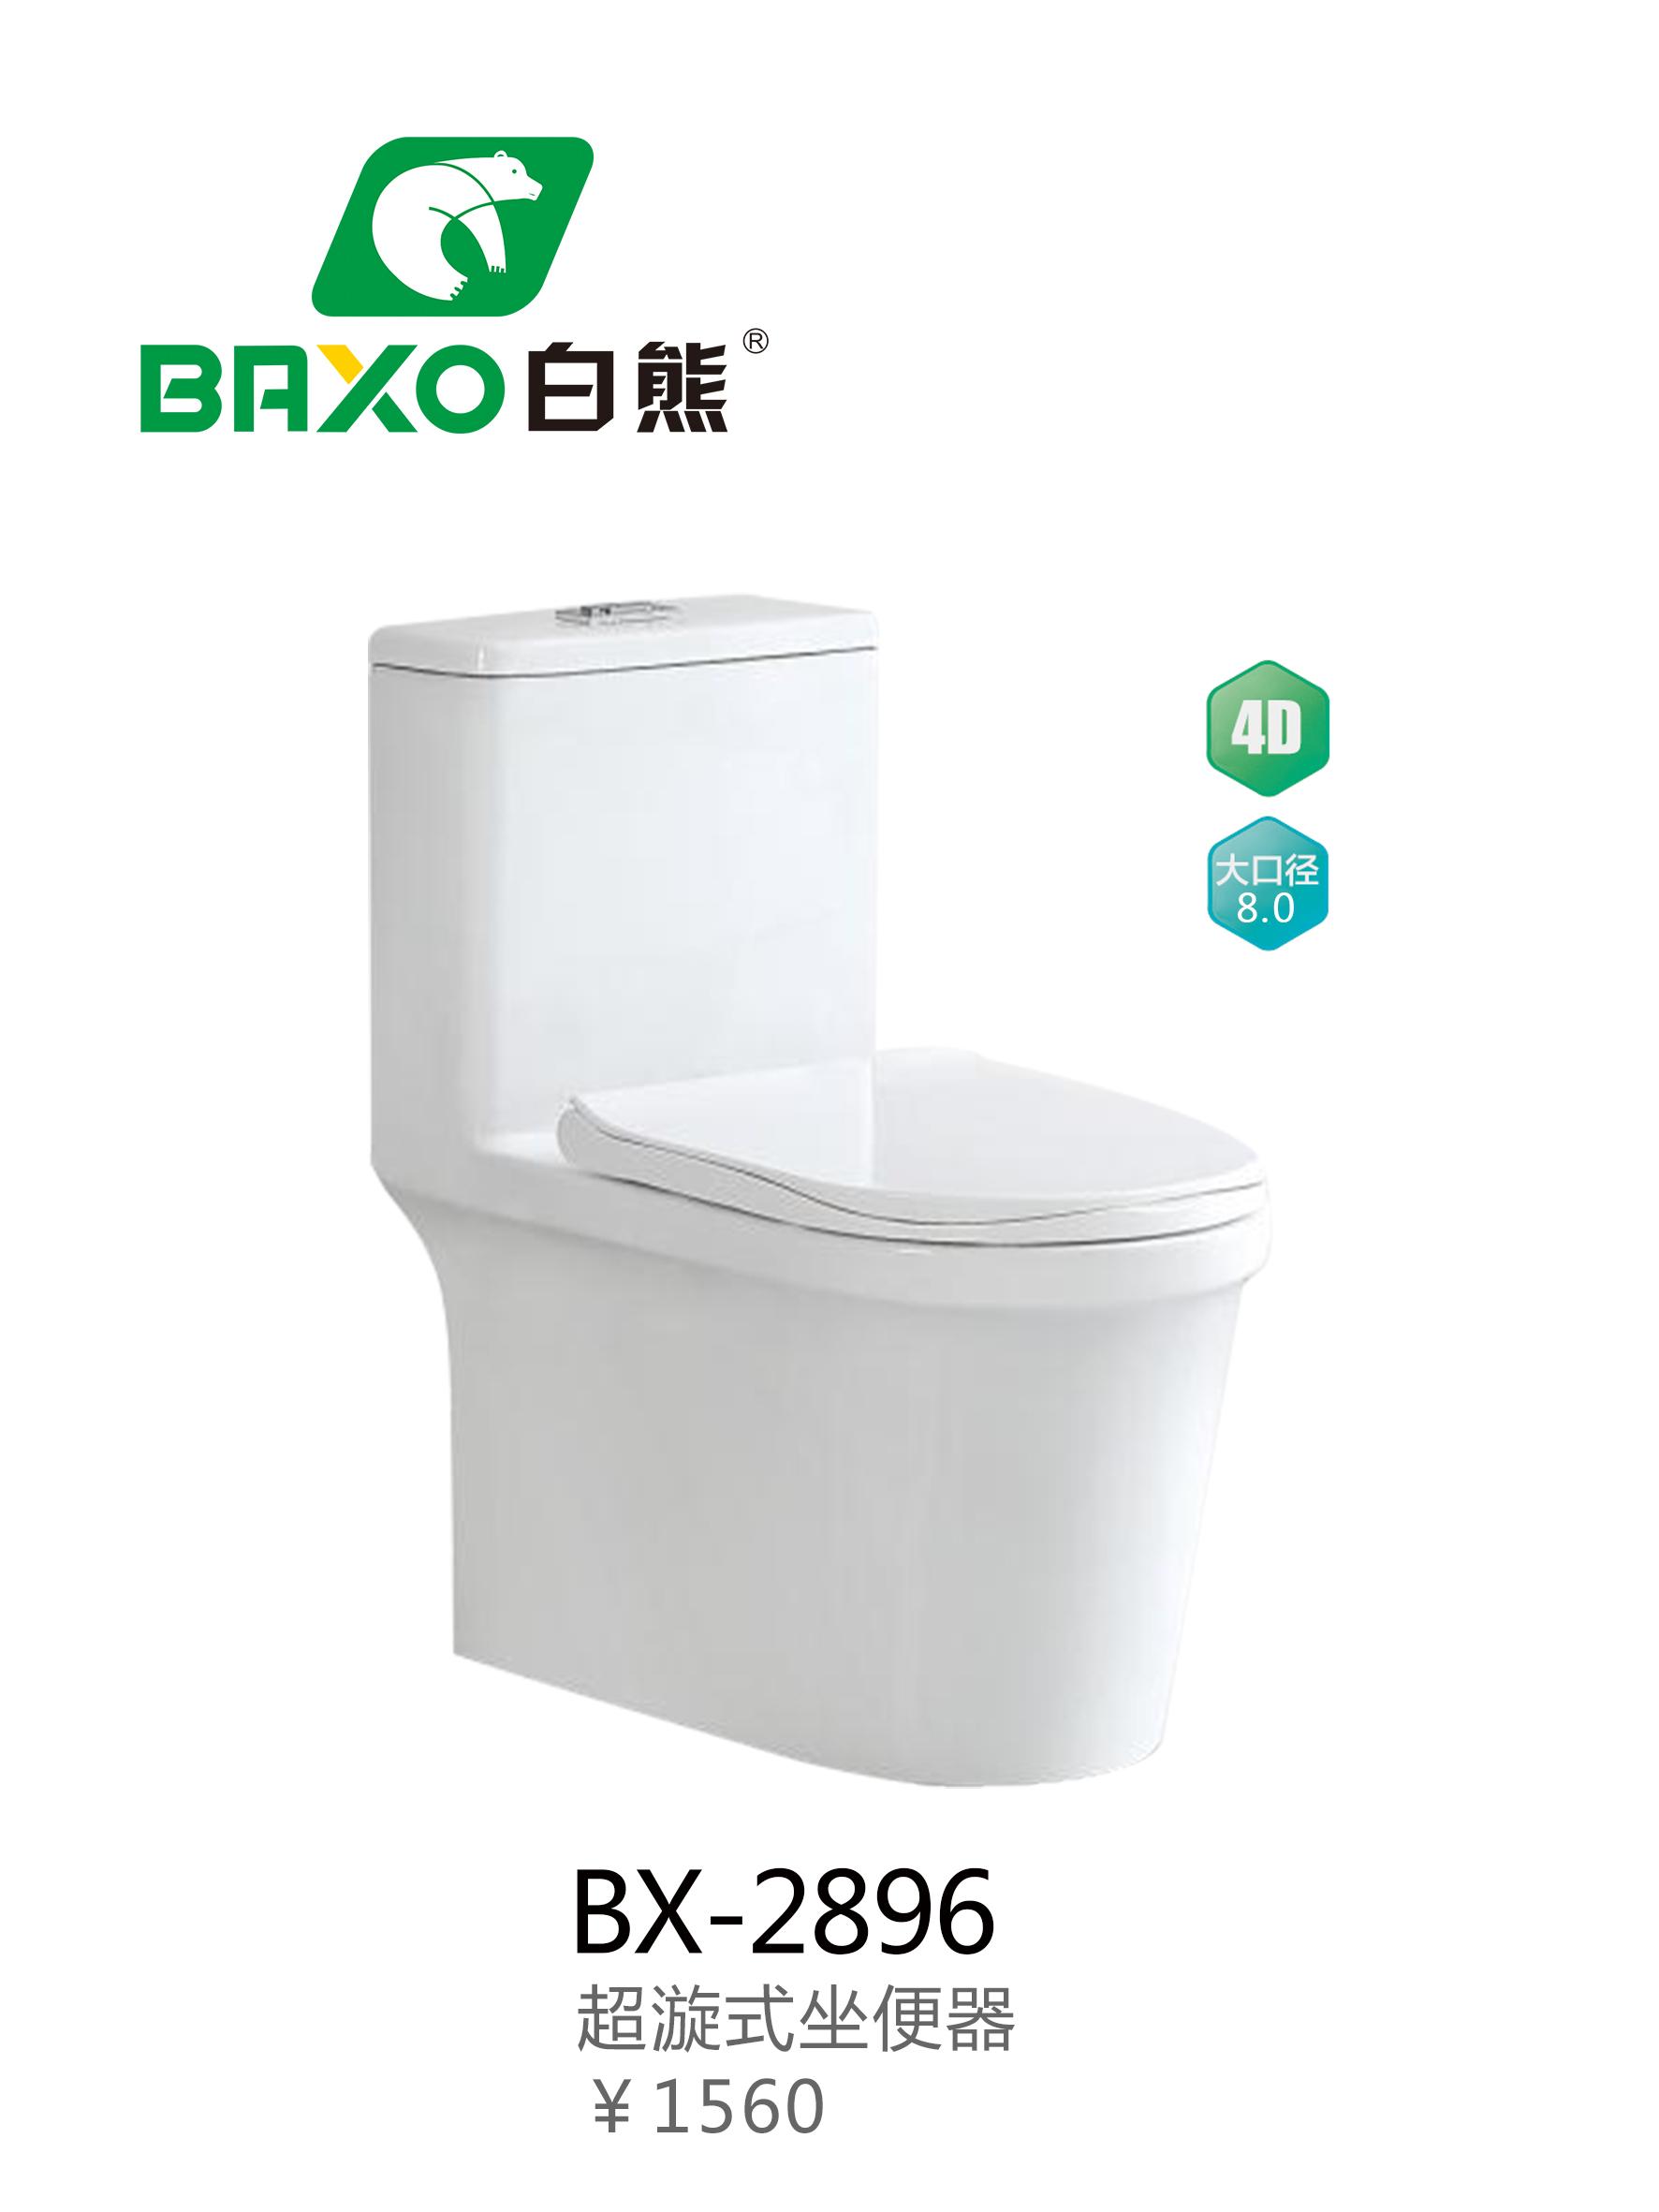 BX-2896大管道超漩坐便器